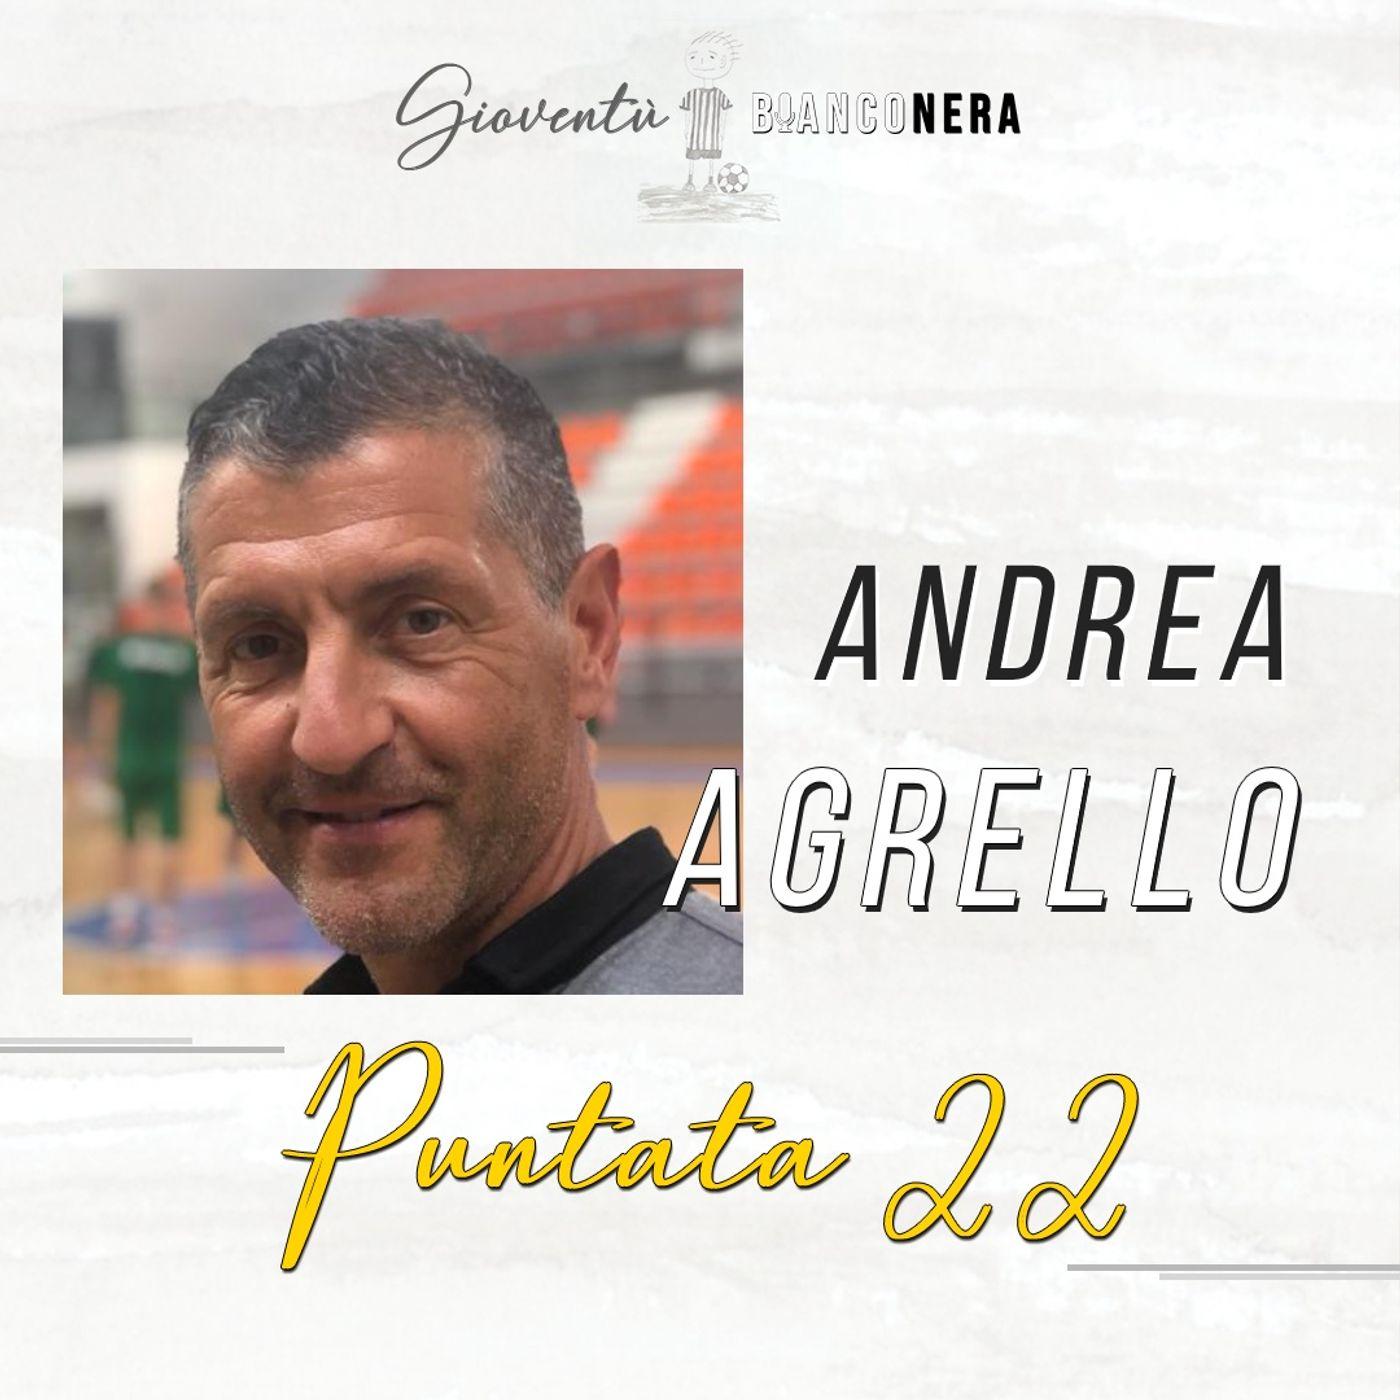 Andrea Agrello